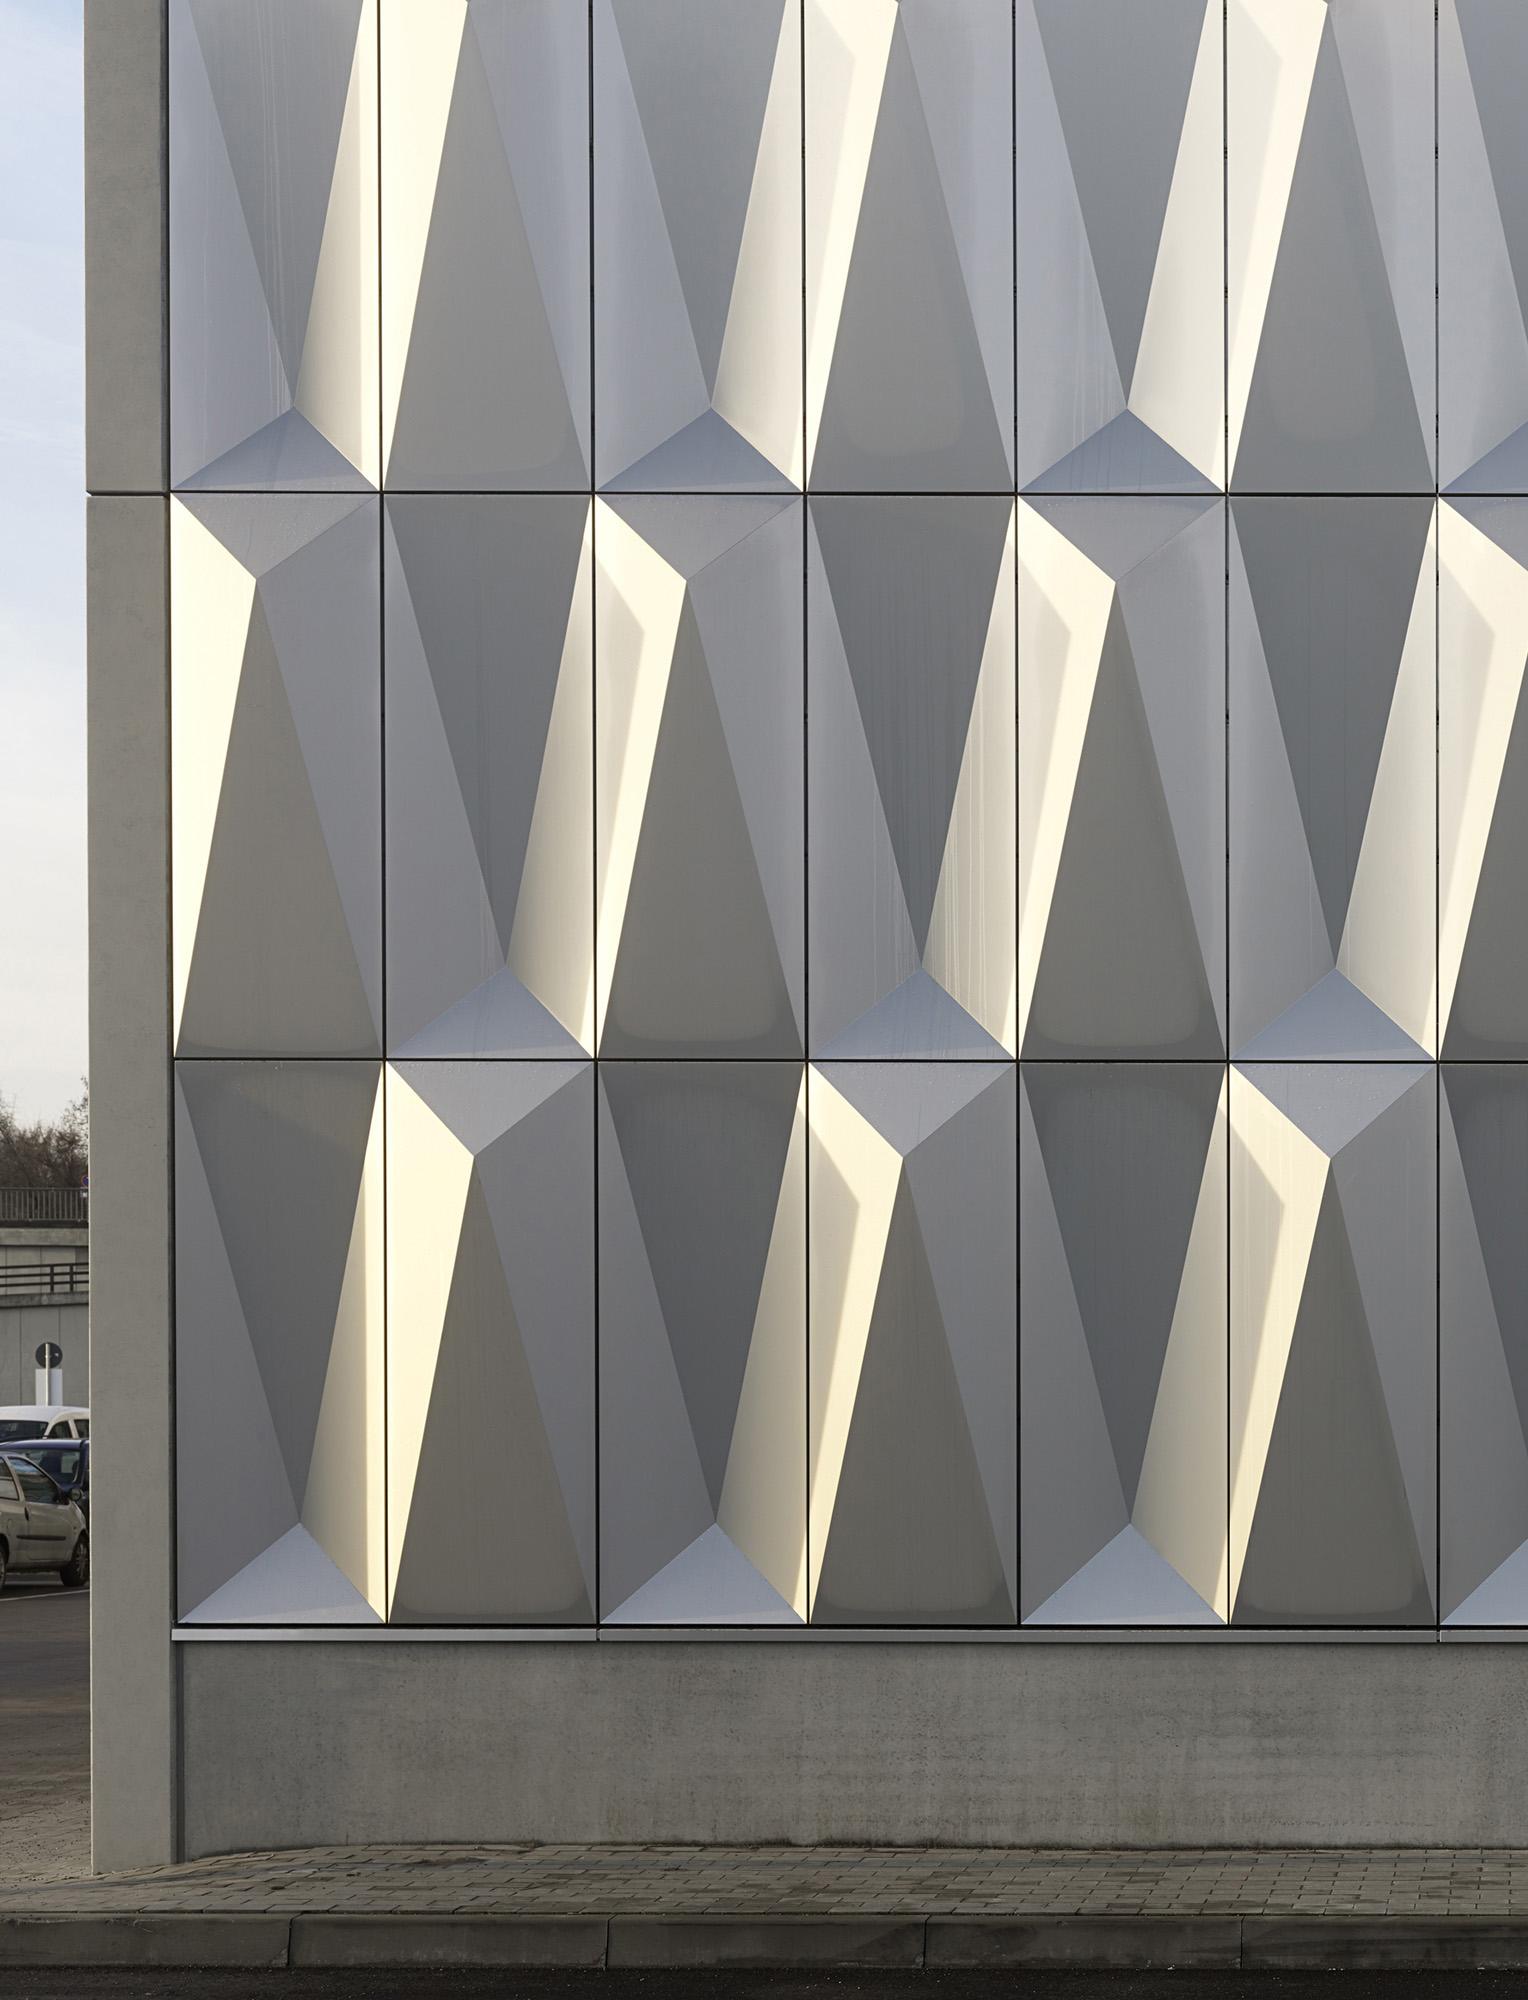 Bauhaus Berlin Halensee bauhaus fachcentrum berlin halensee müller reimann architekten